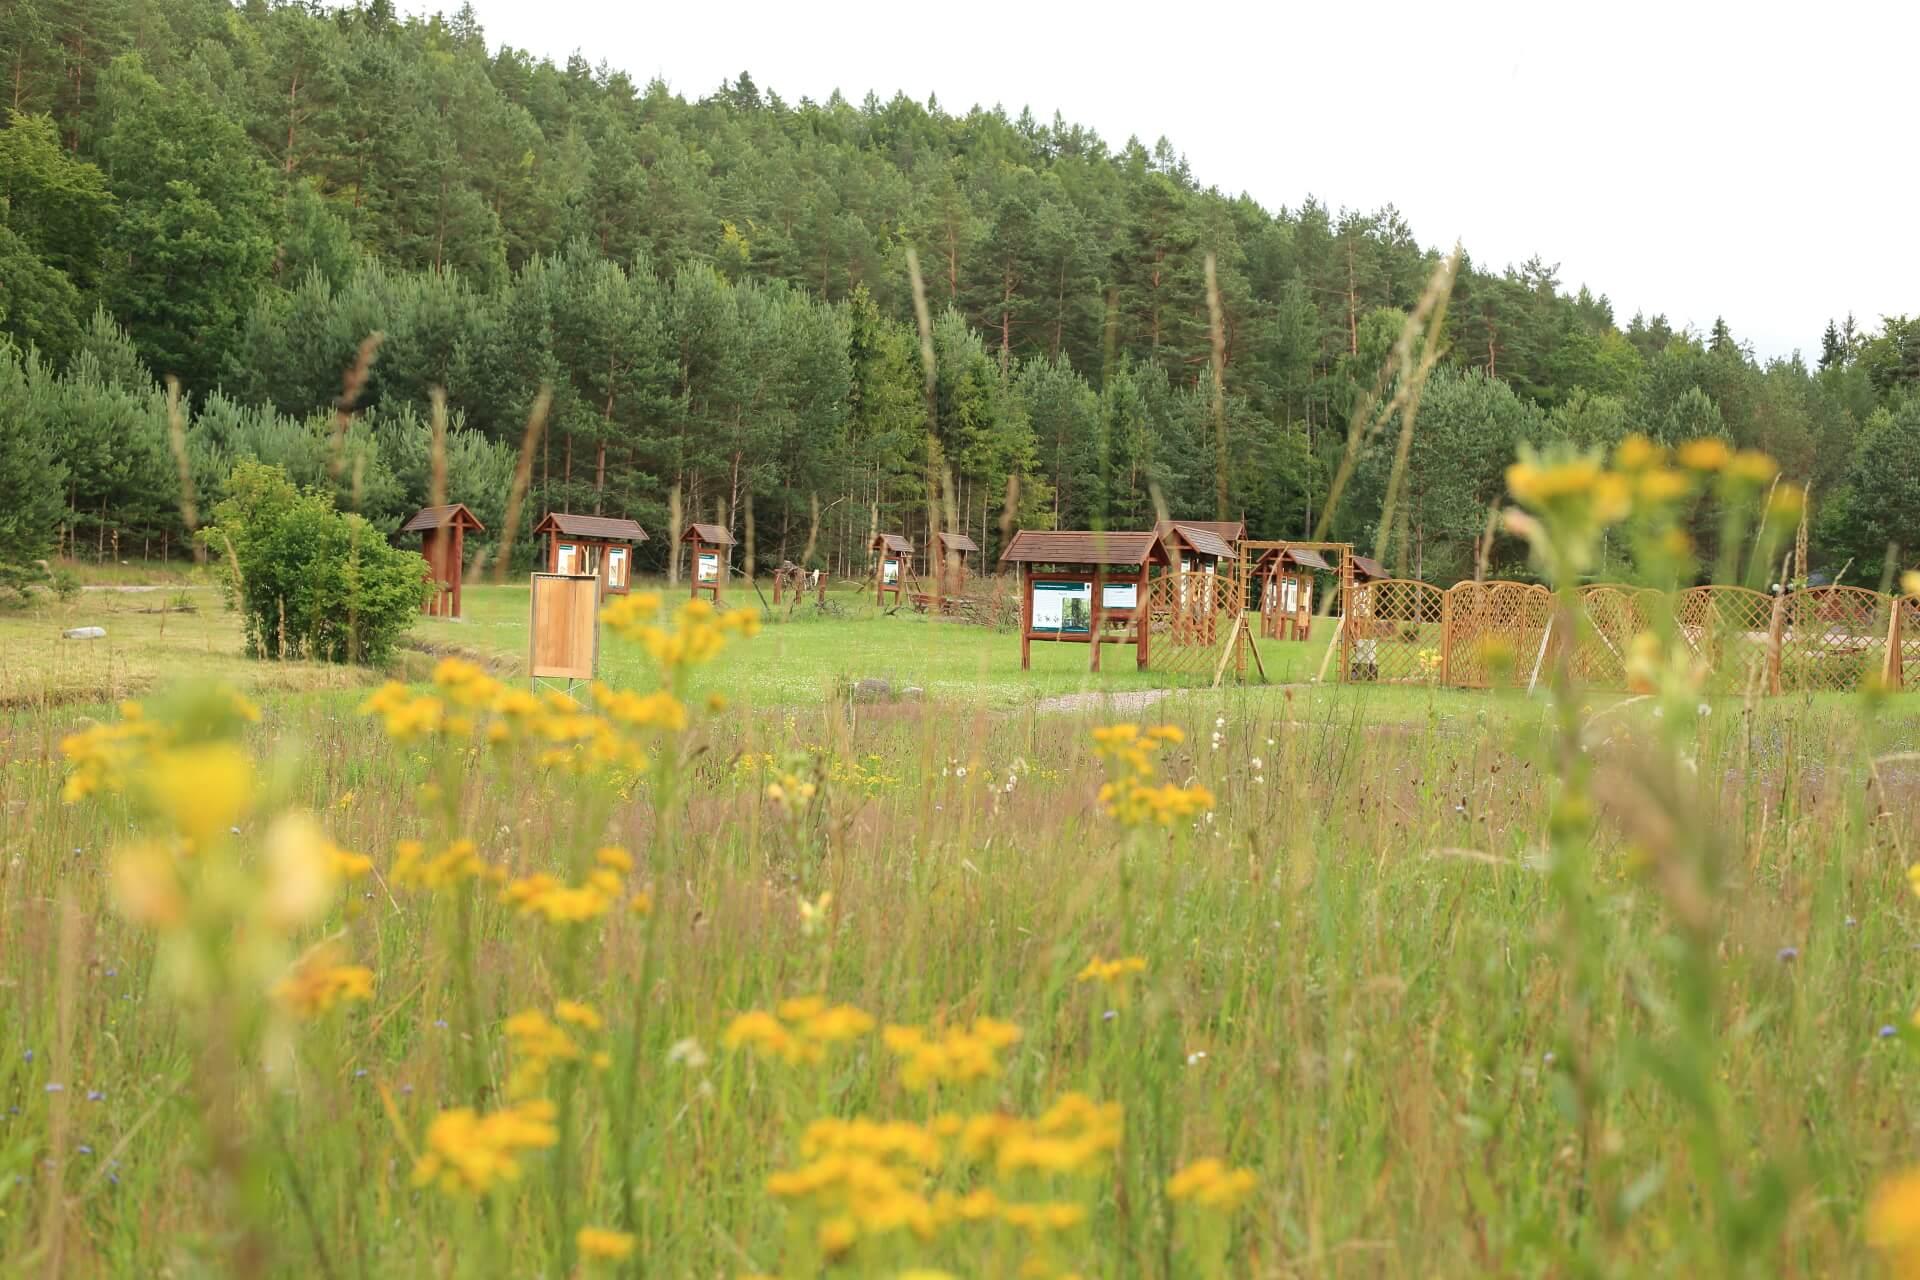 Marszewo sciezki przyrodnicze 2 nature trail - Nature trails in Pomorskie: take a stroll and learn something new